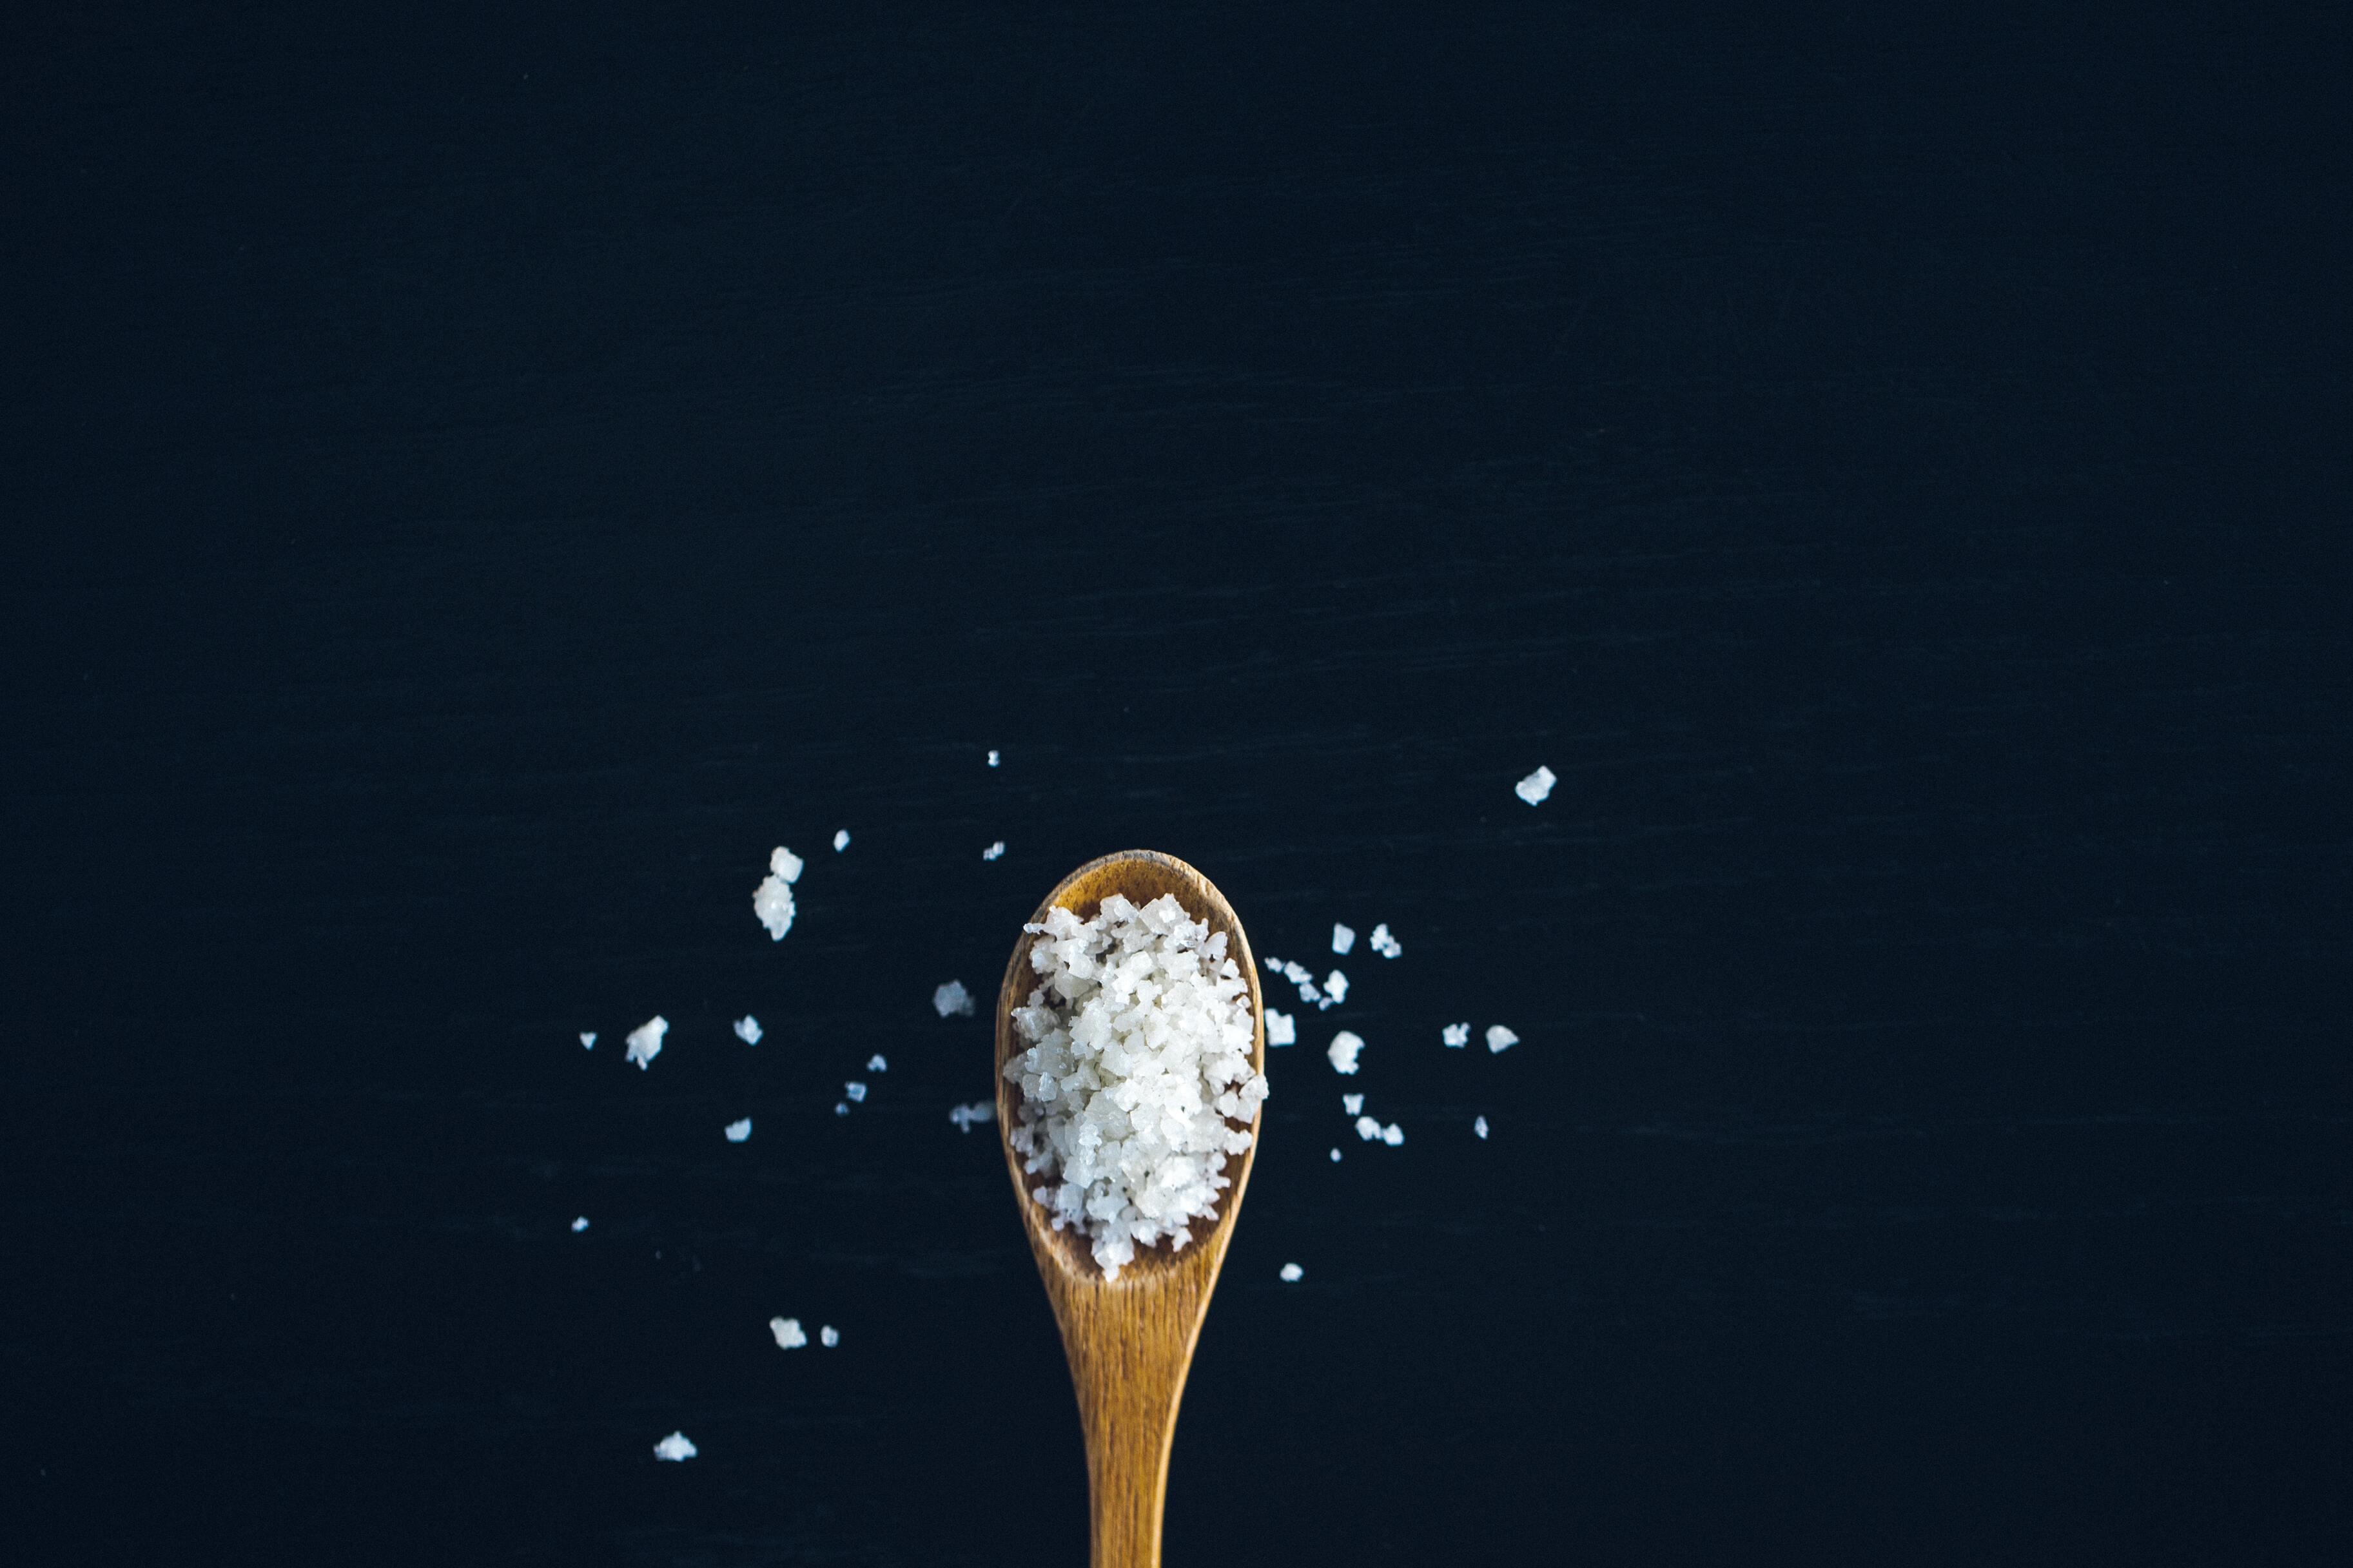 Учёные заявили, что отказ от соли спасёт миллионы жизней